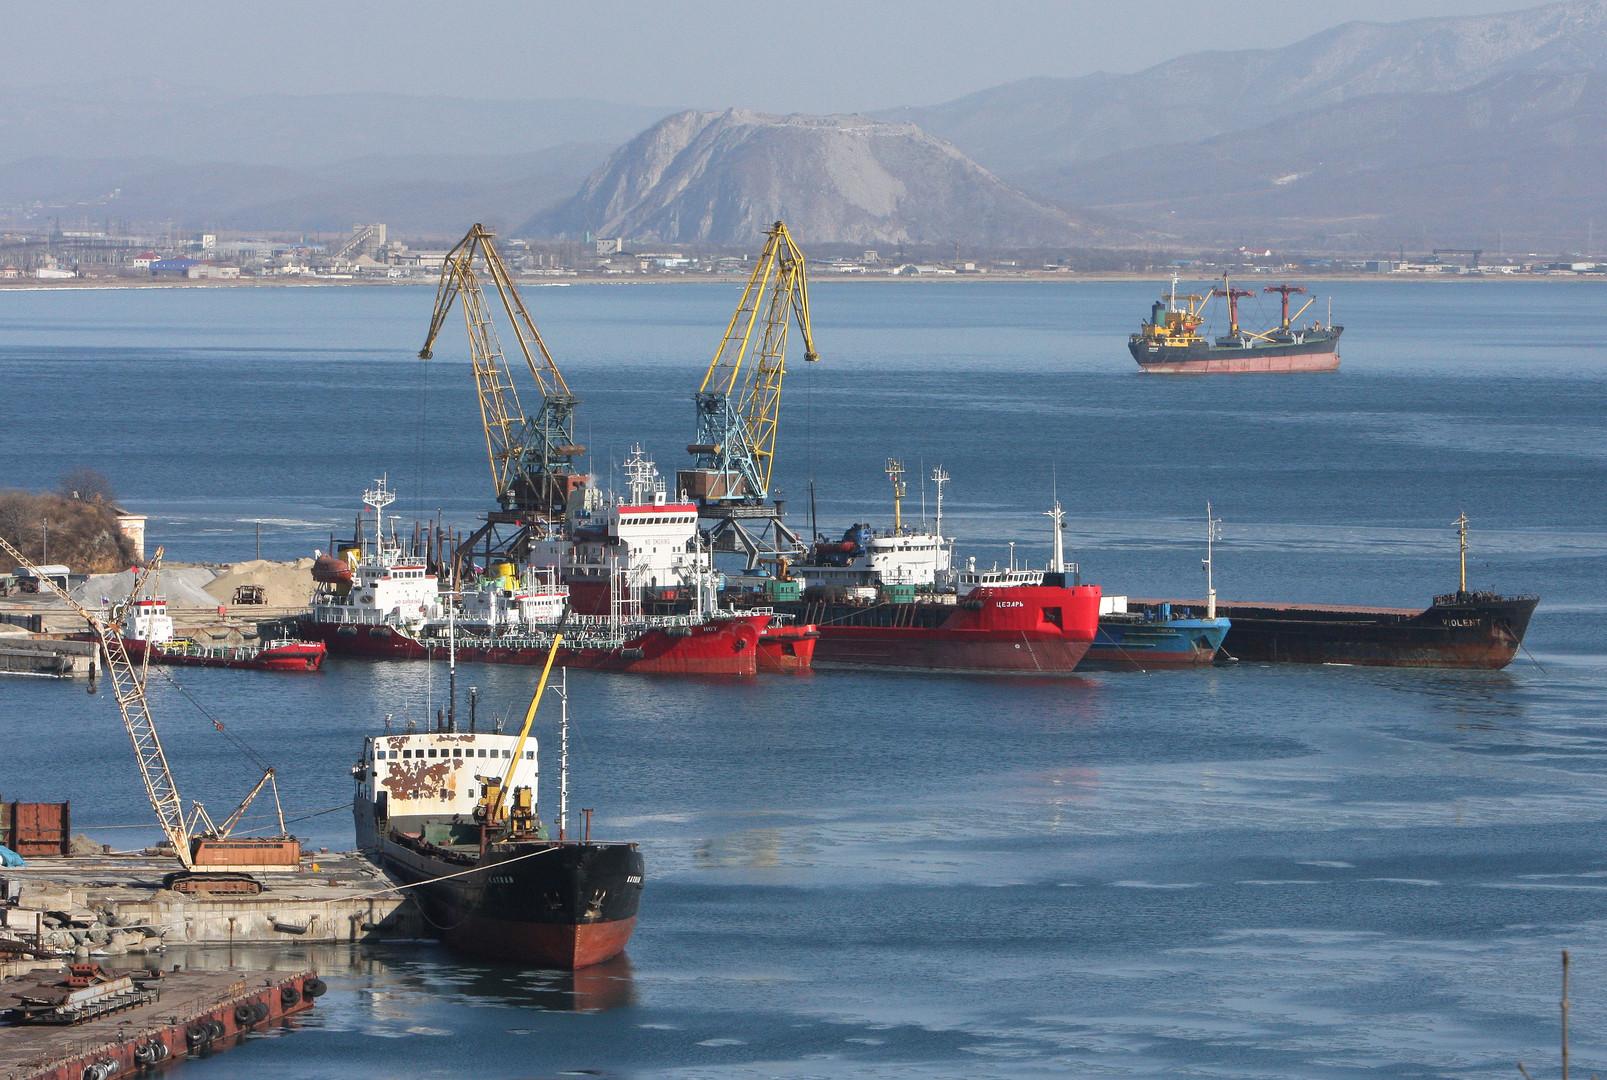 Сирийские моряки обратились за помощью к российскому профсоюзу